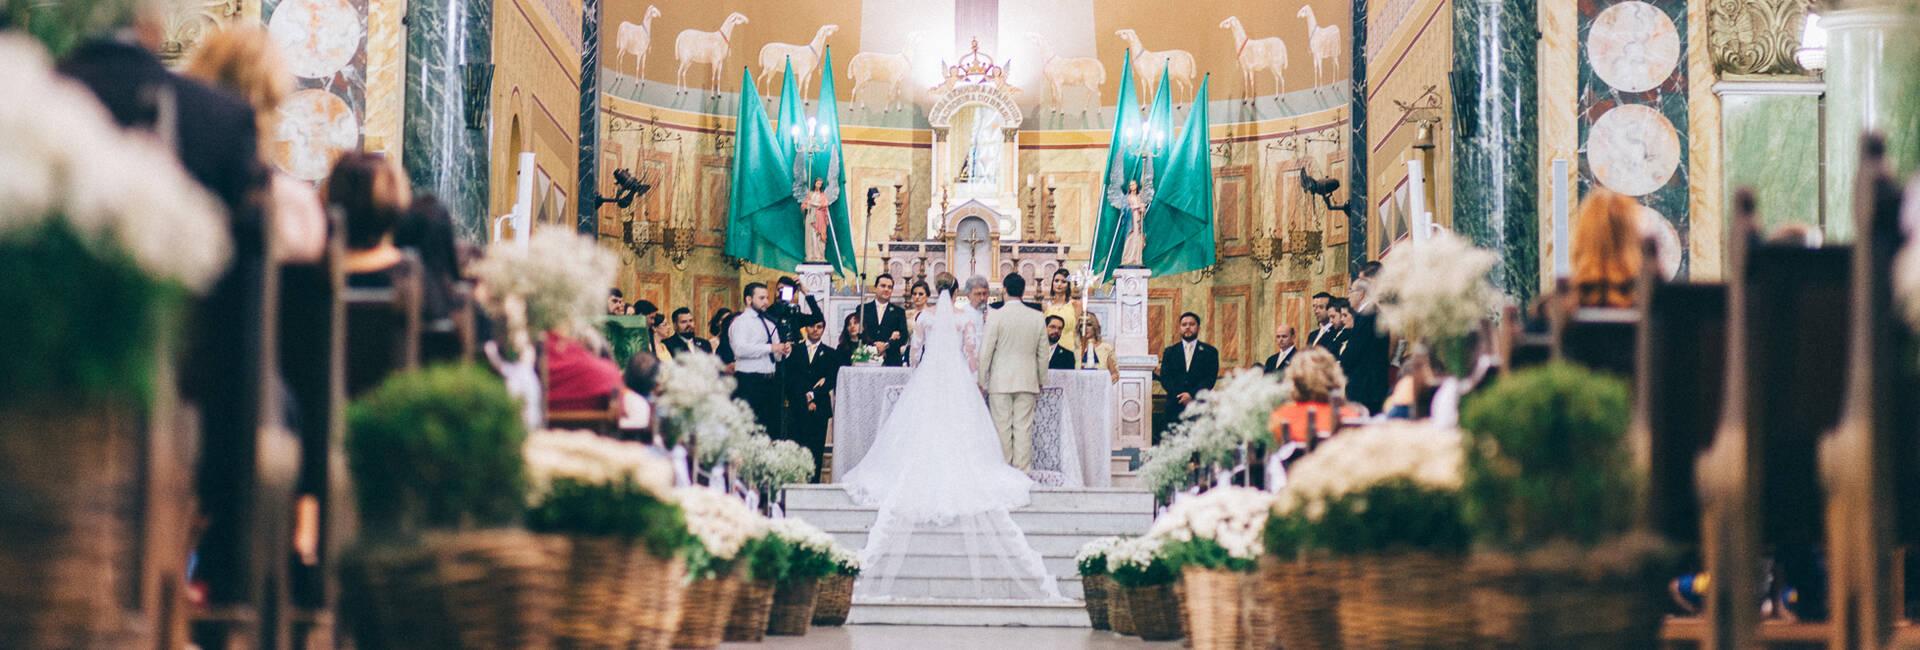 Casamento de Isa & Raul